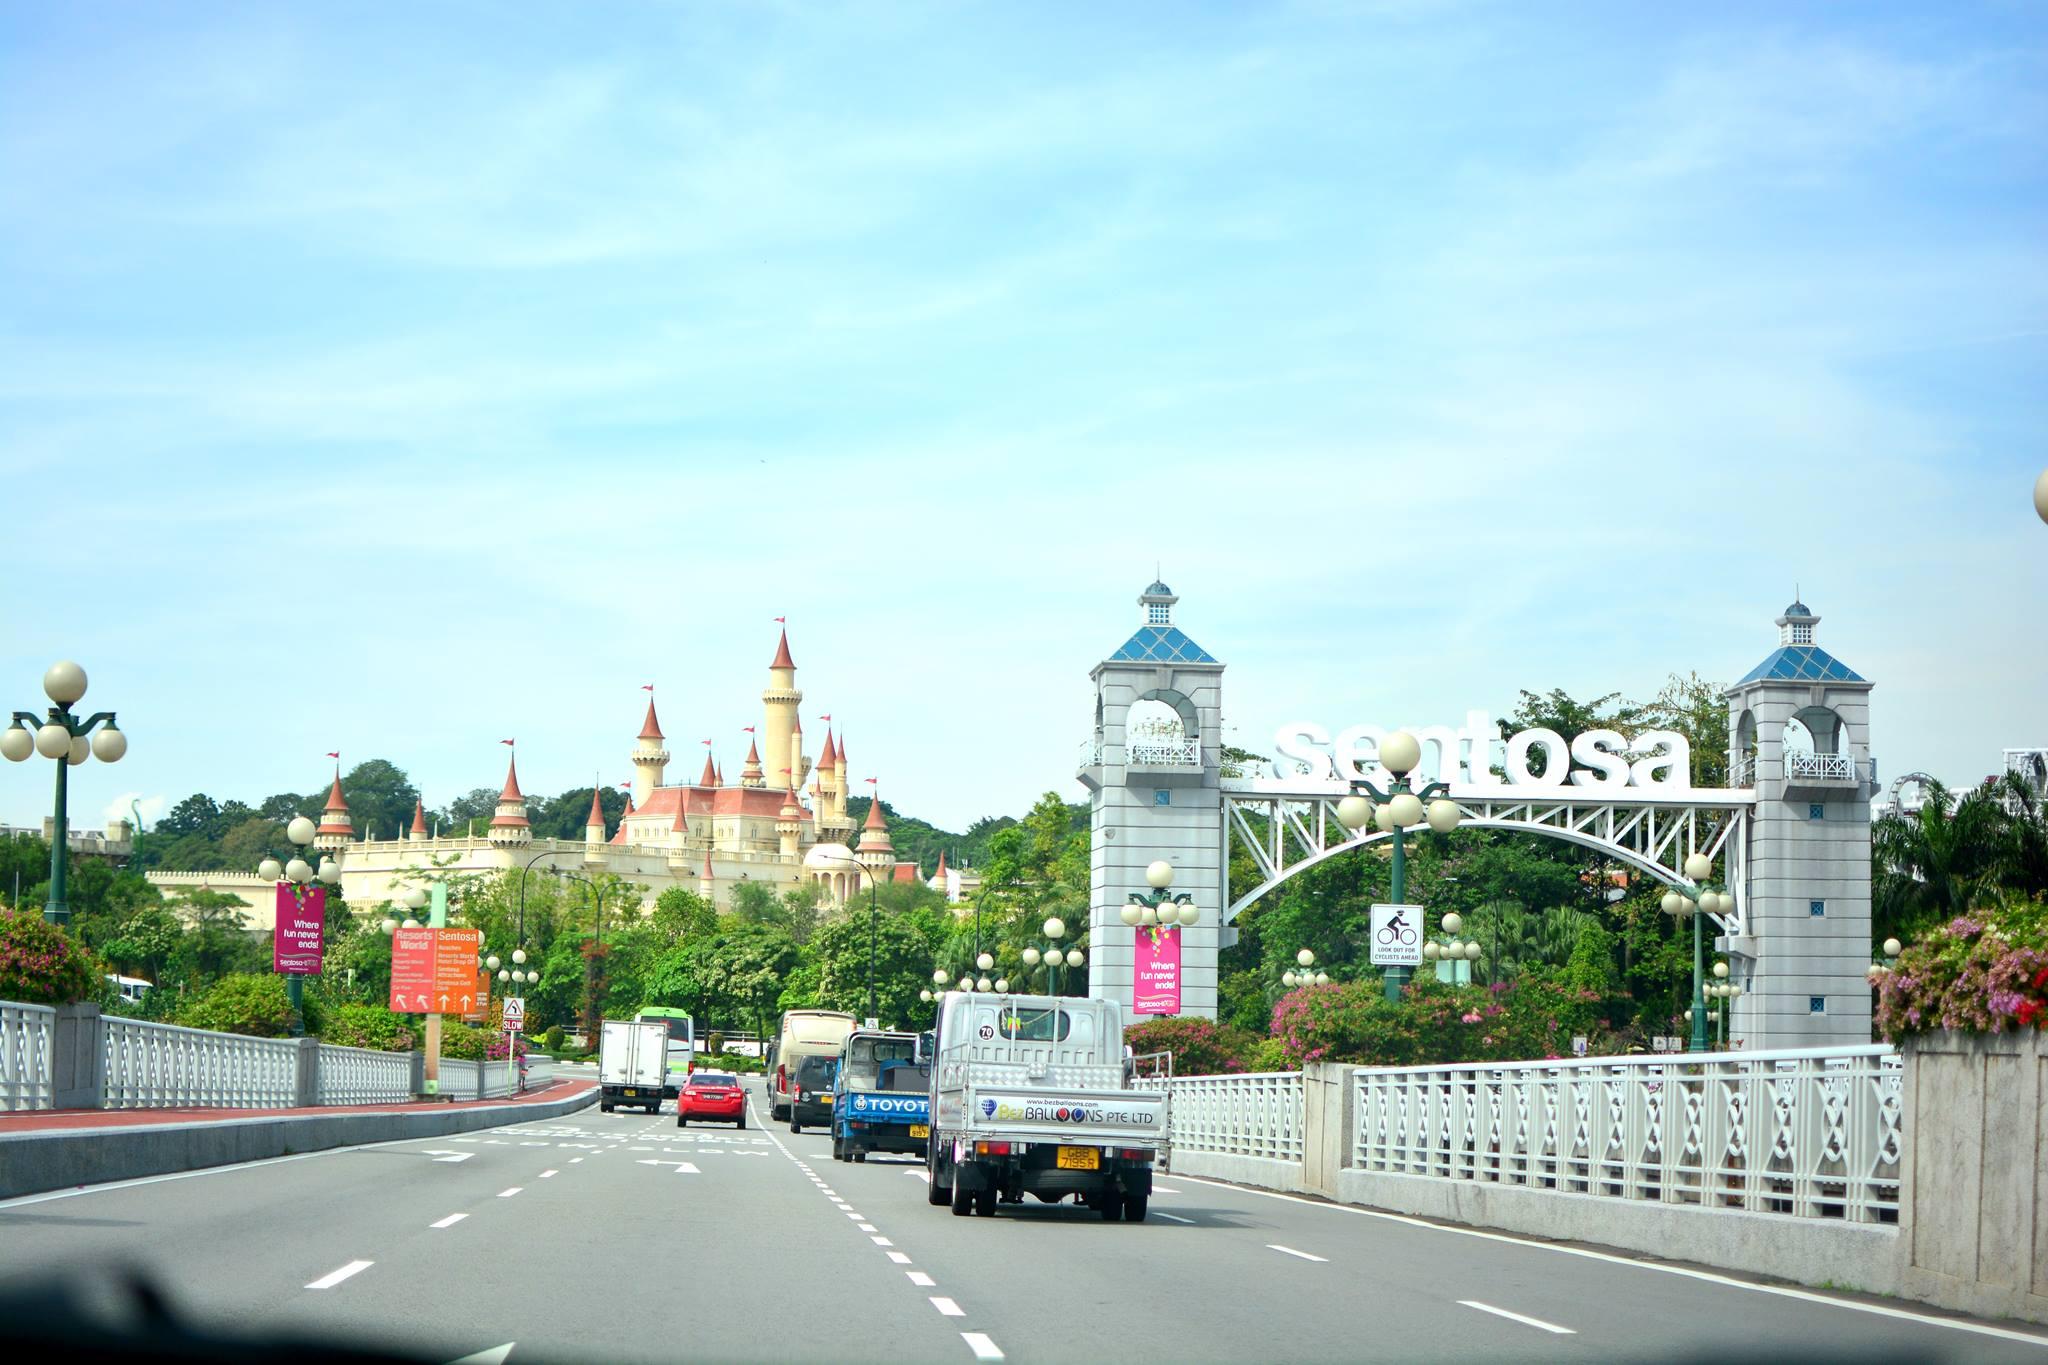 đường đi đến marina square shopping mall